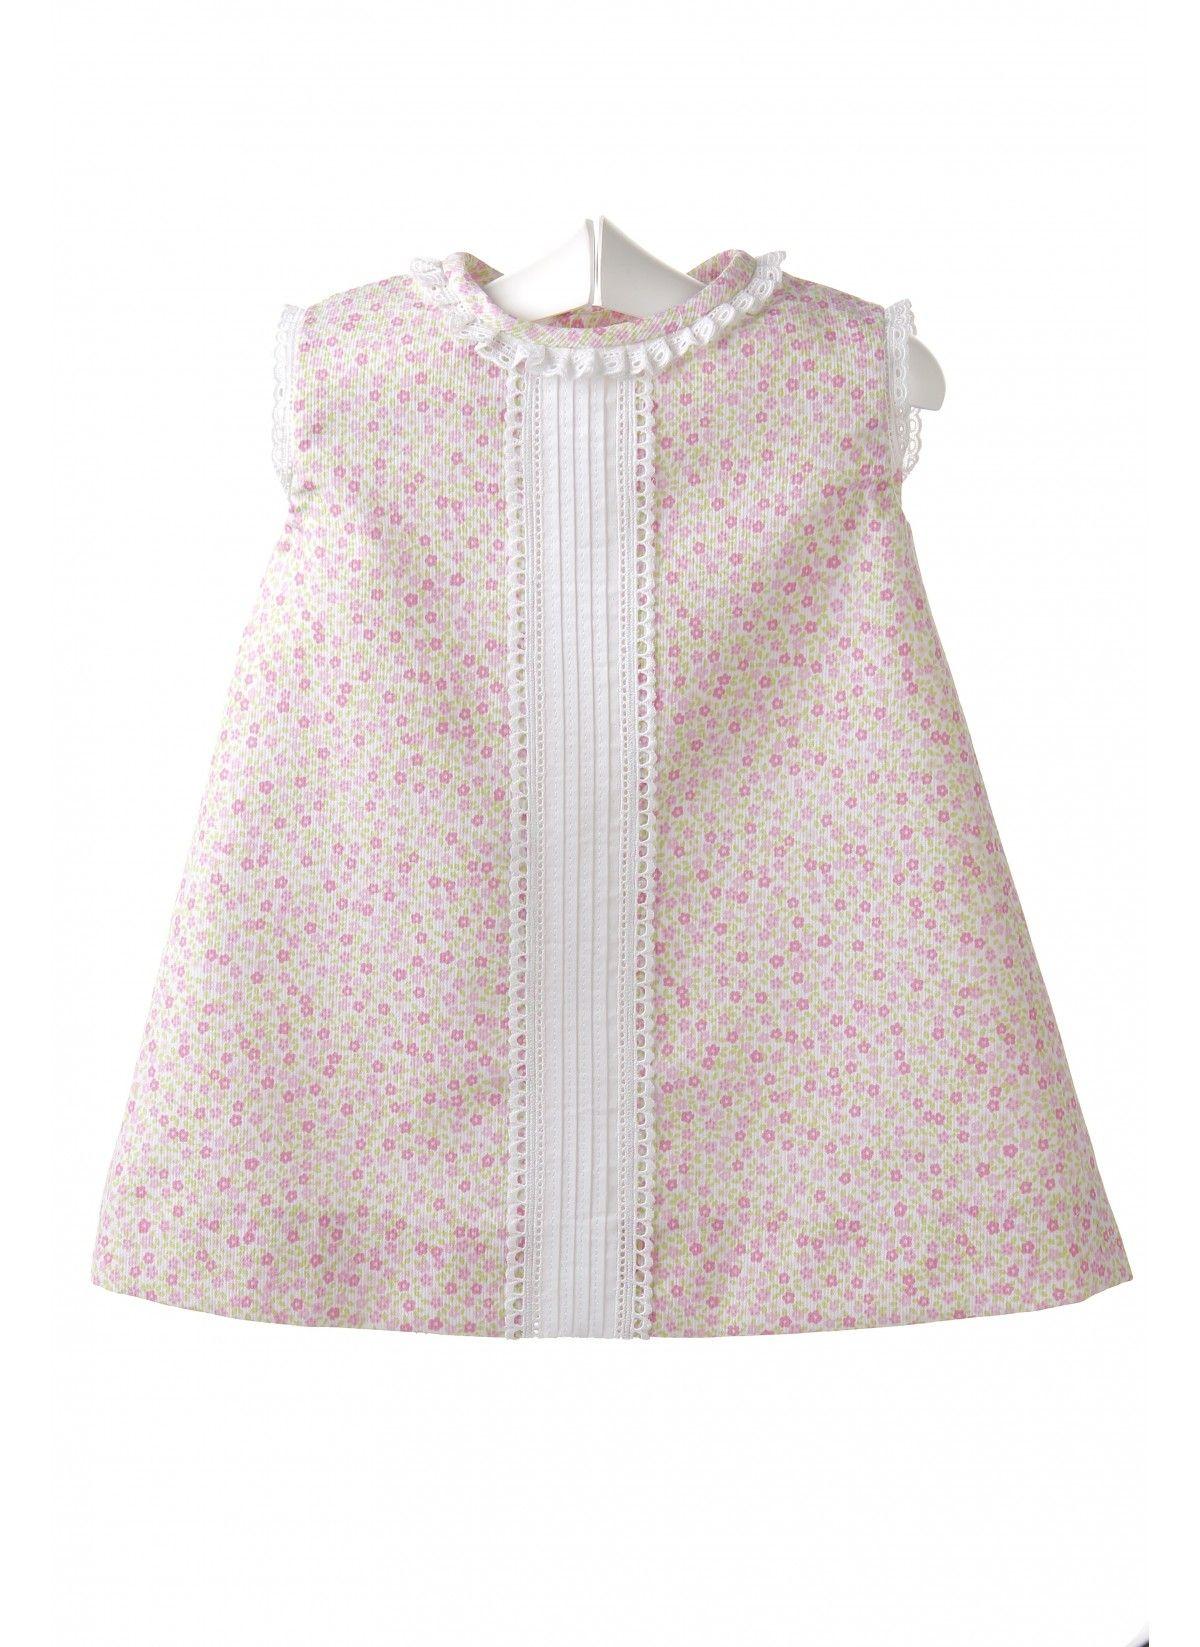 ab13979a0 Vestido para bebé de piqué estampado | TINY & ADORABLE | Ropa bebe ...